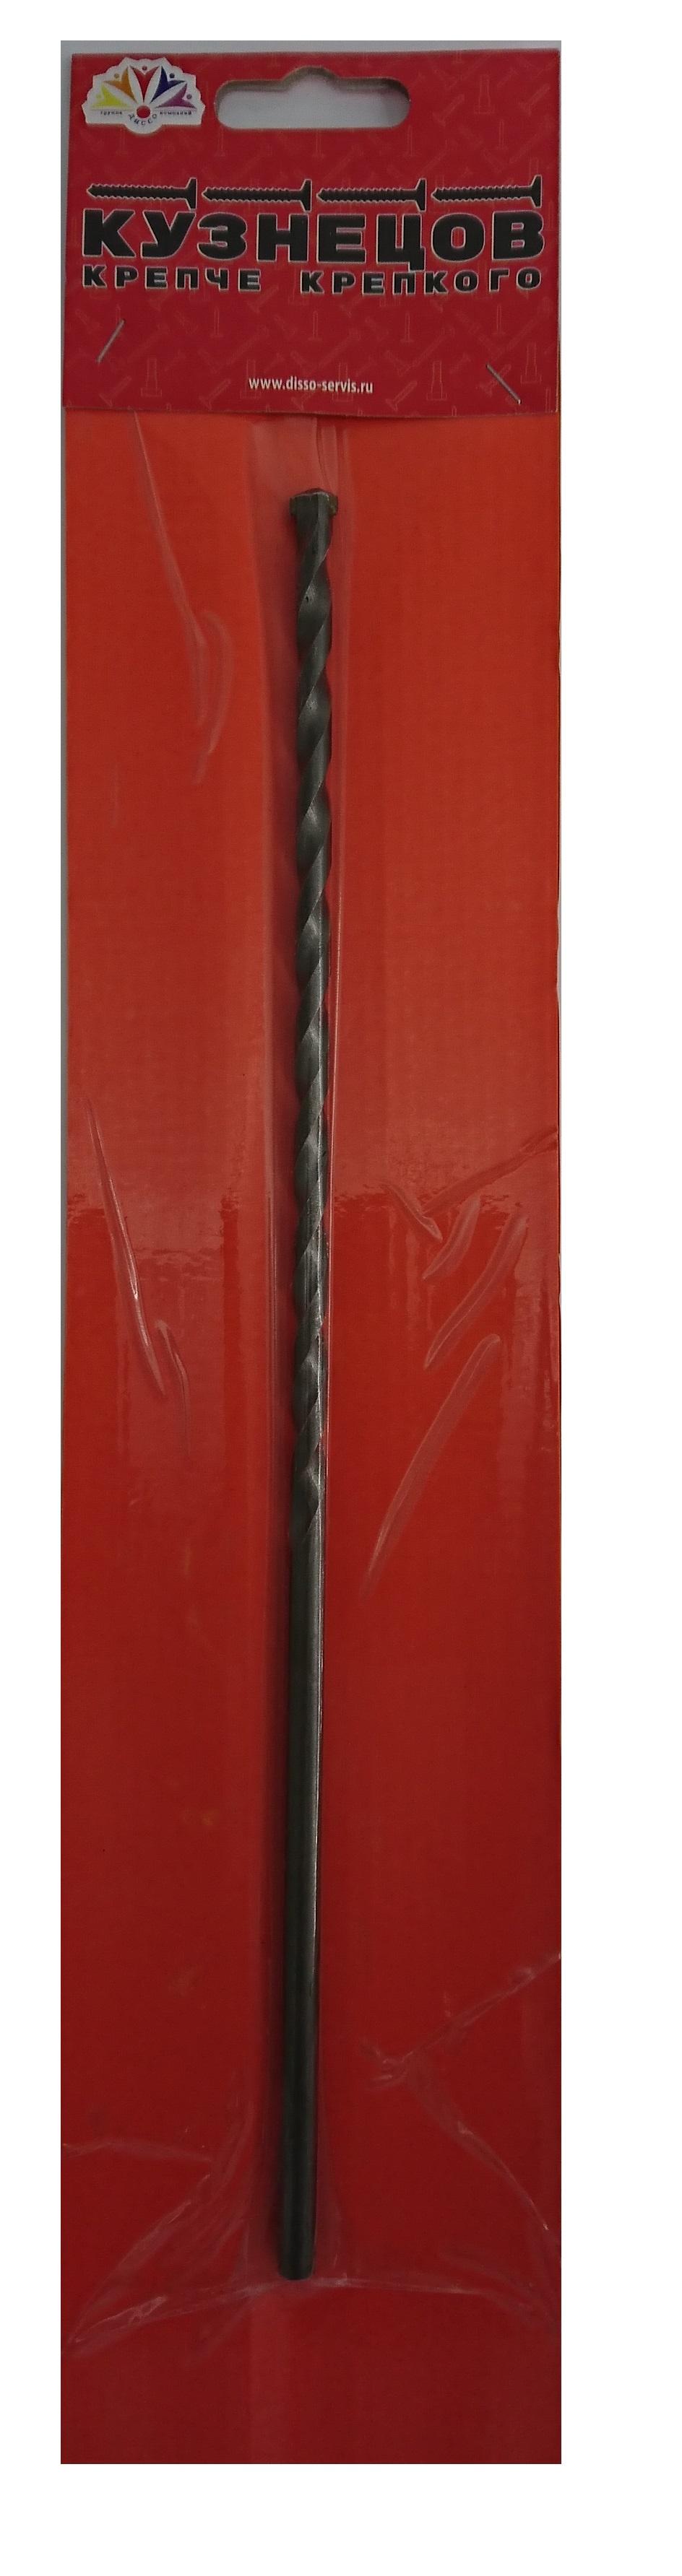 Сверло по бетону 8 х 300 мм 1 шт. fane sovereign 12 300 1 шт